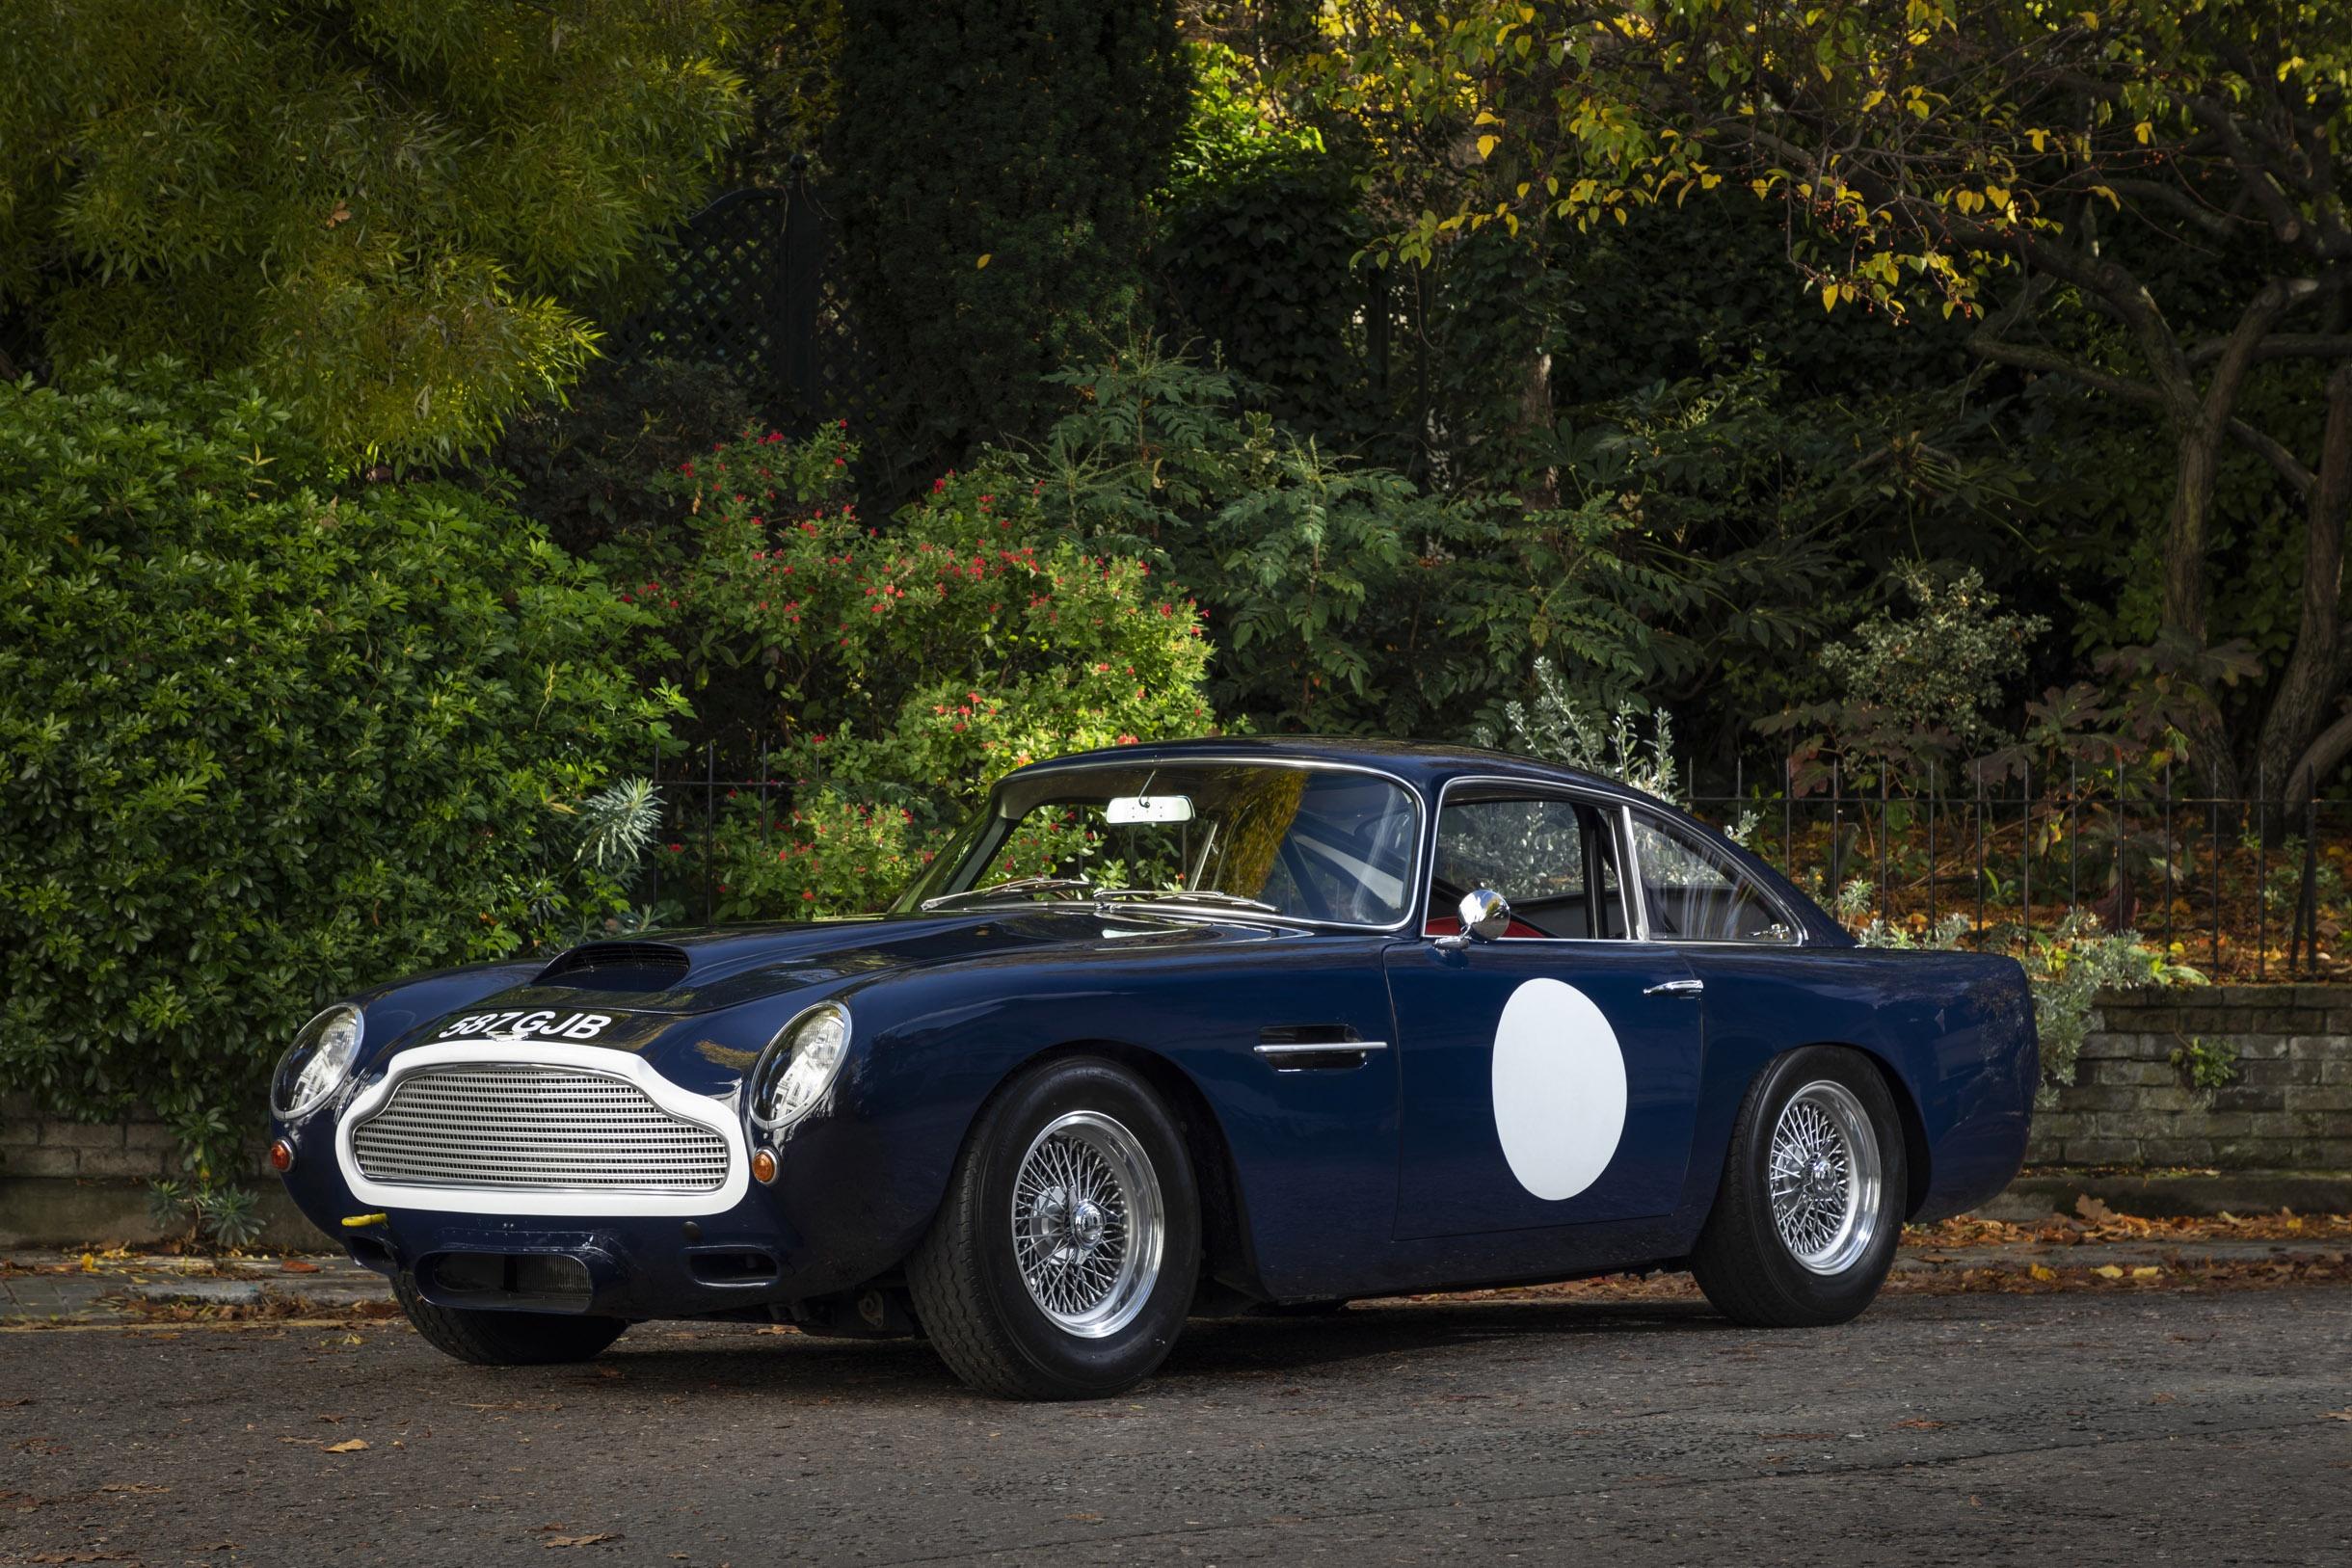 1960 Aston Martin Db4 Gt Oldtimer Zu Verkaufen